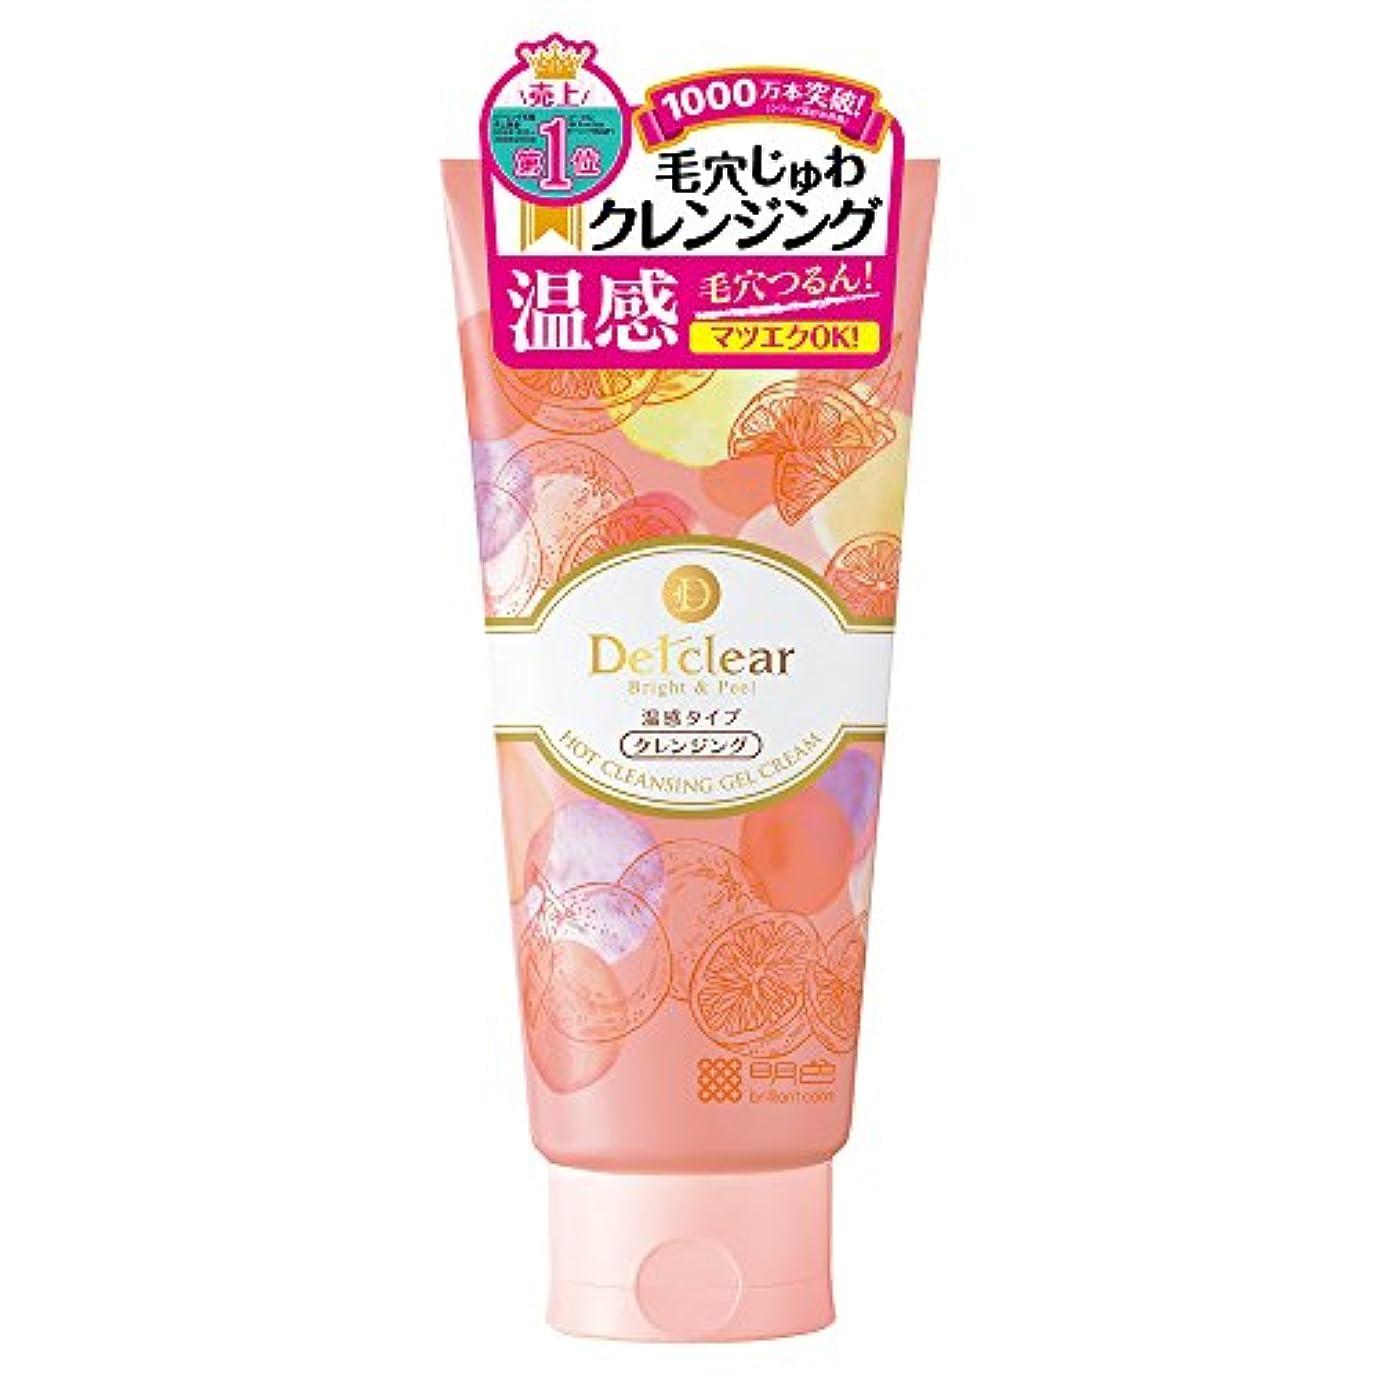 遅いエーカーDETクリア ブライト&ピール ホットクレンジング ジェルクリーム 200g (日本製) ベルガモットオレンジの香り